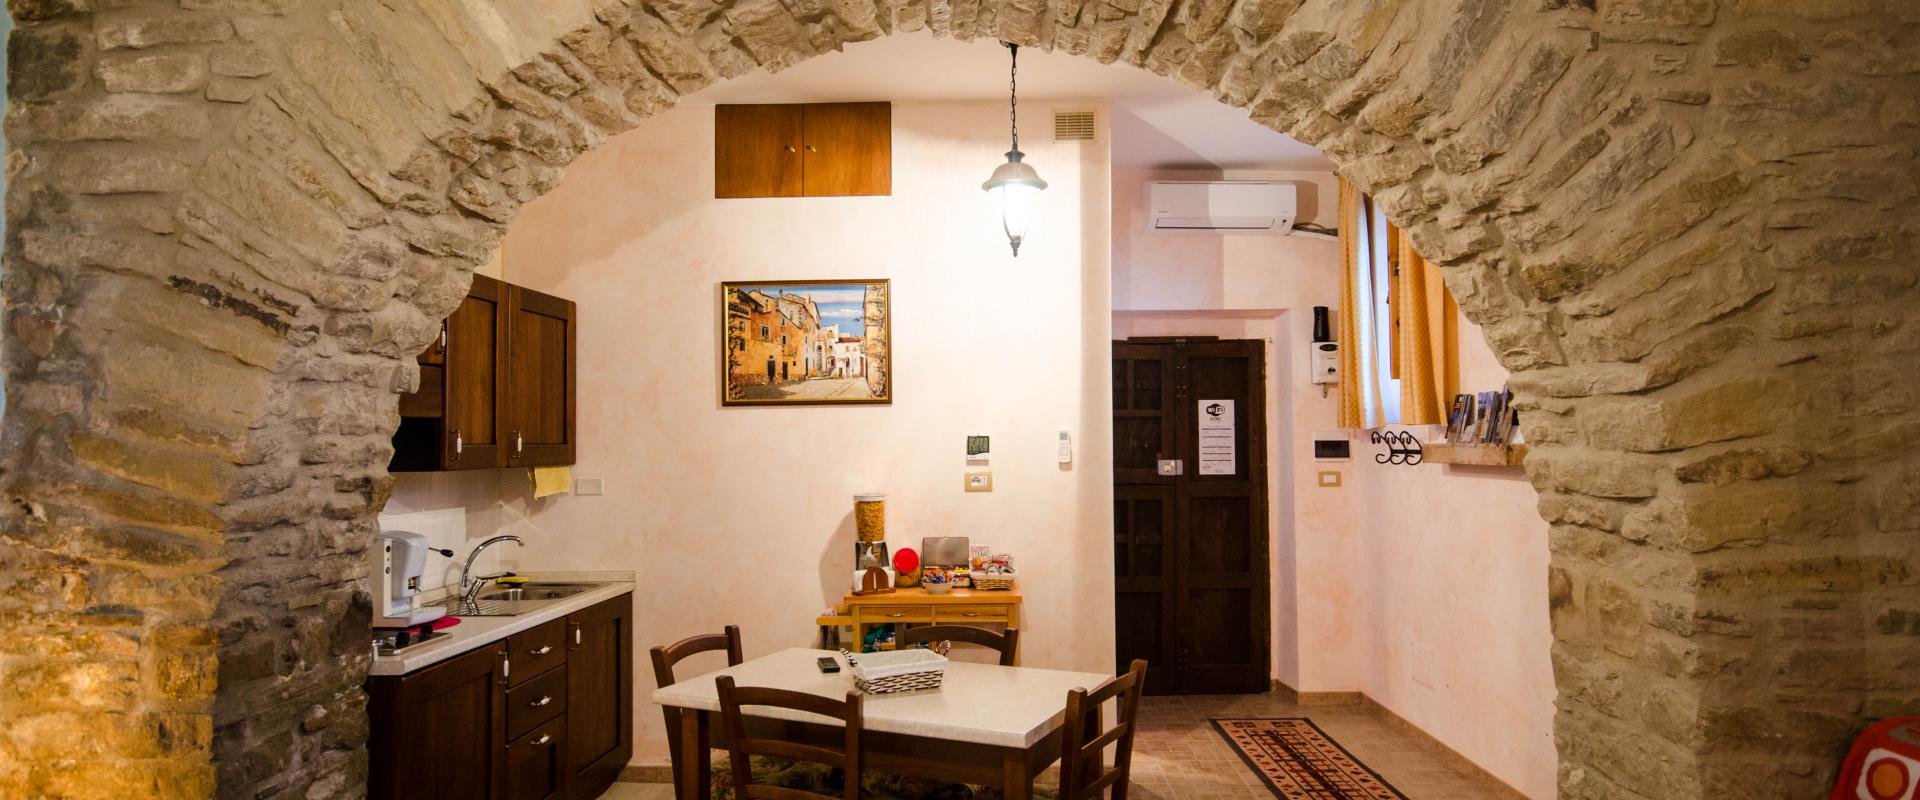 Camera al Borgo Ducale